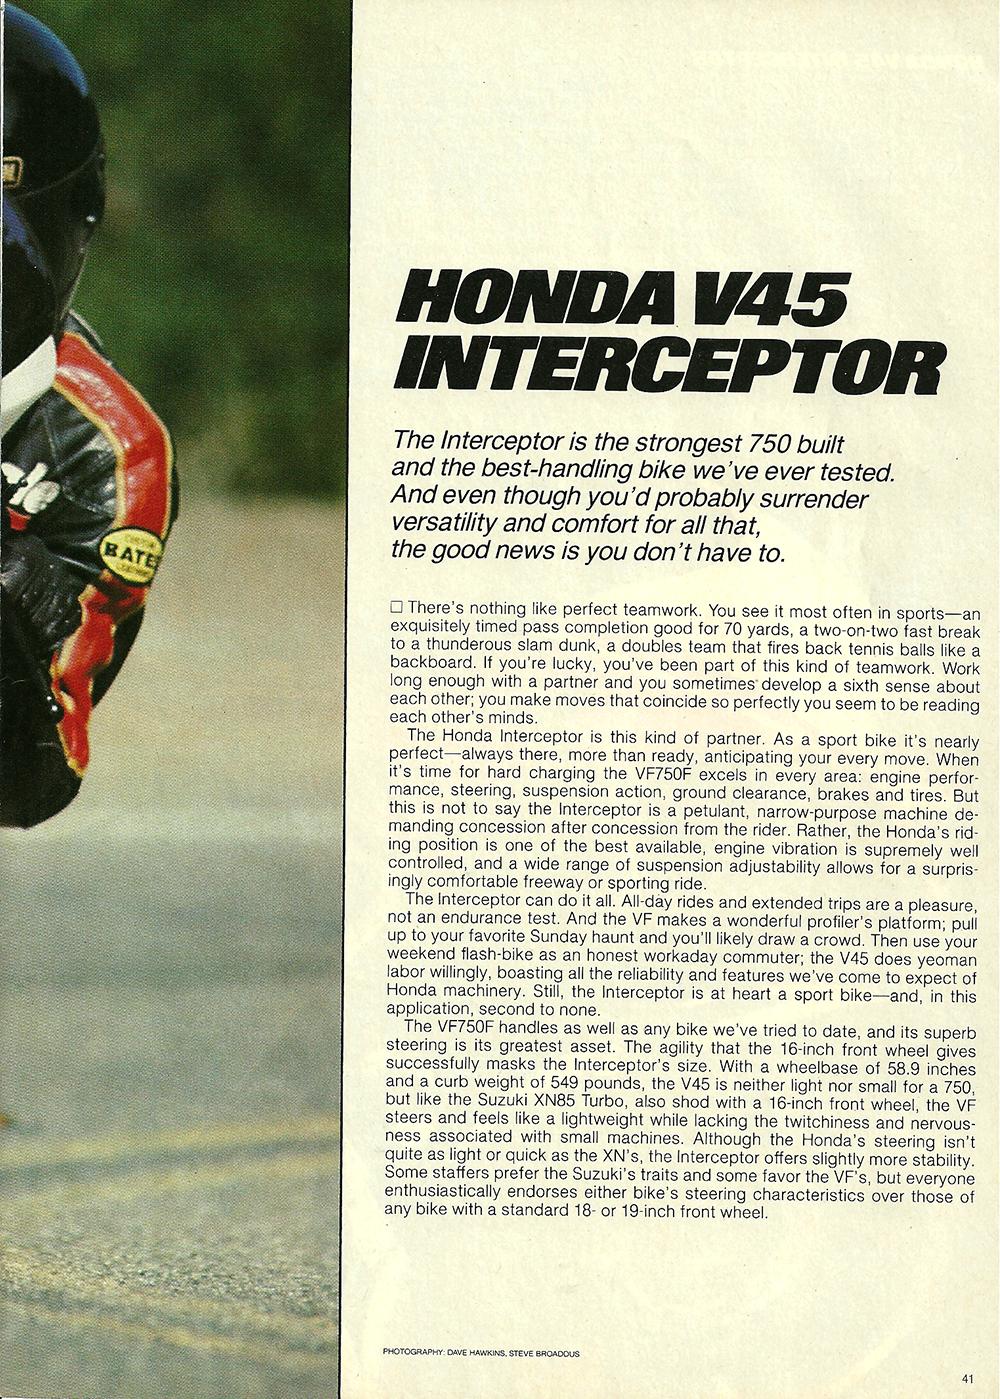 1983 Honda V45 Interceptor road test 02.jpg